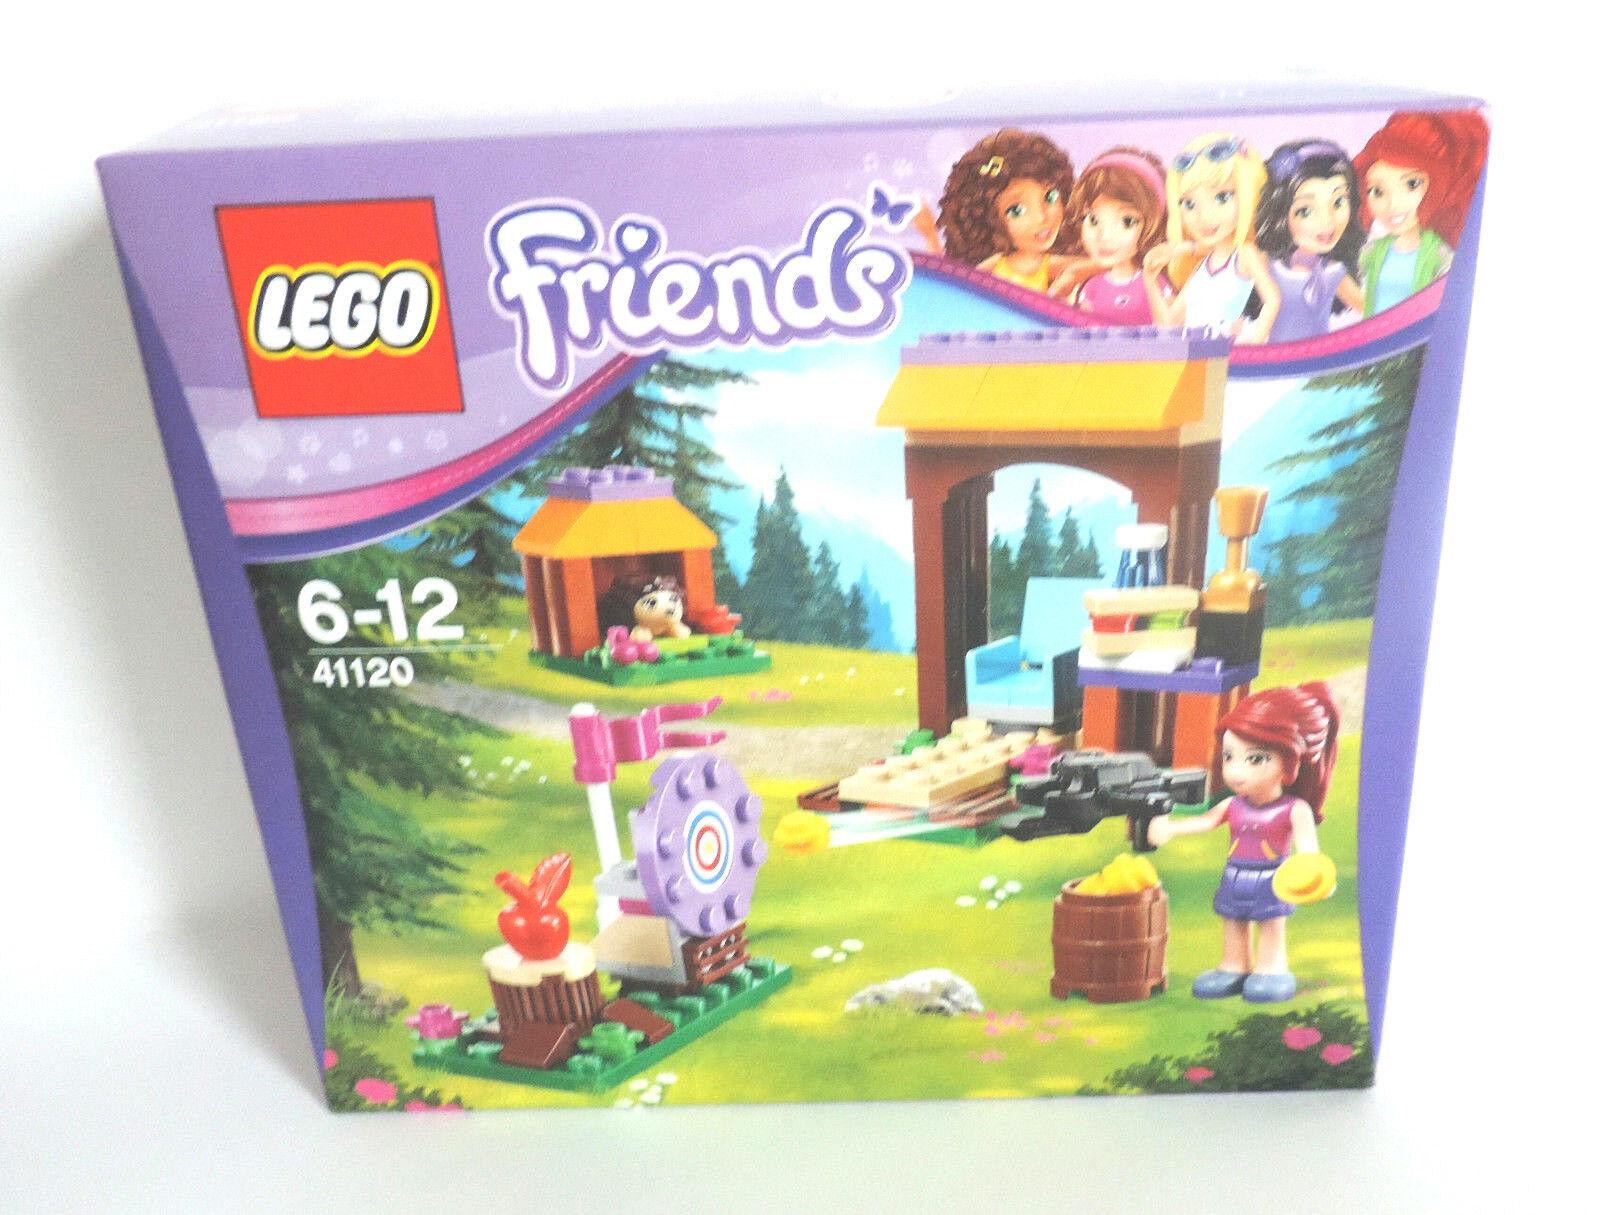 41120abenteuercamp 41120 Lego Friends Set ® mNOPn0yvw8